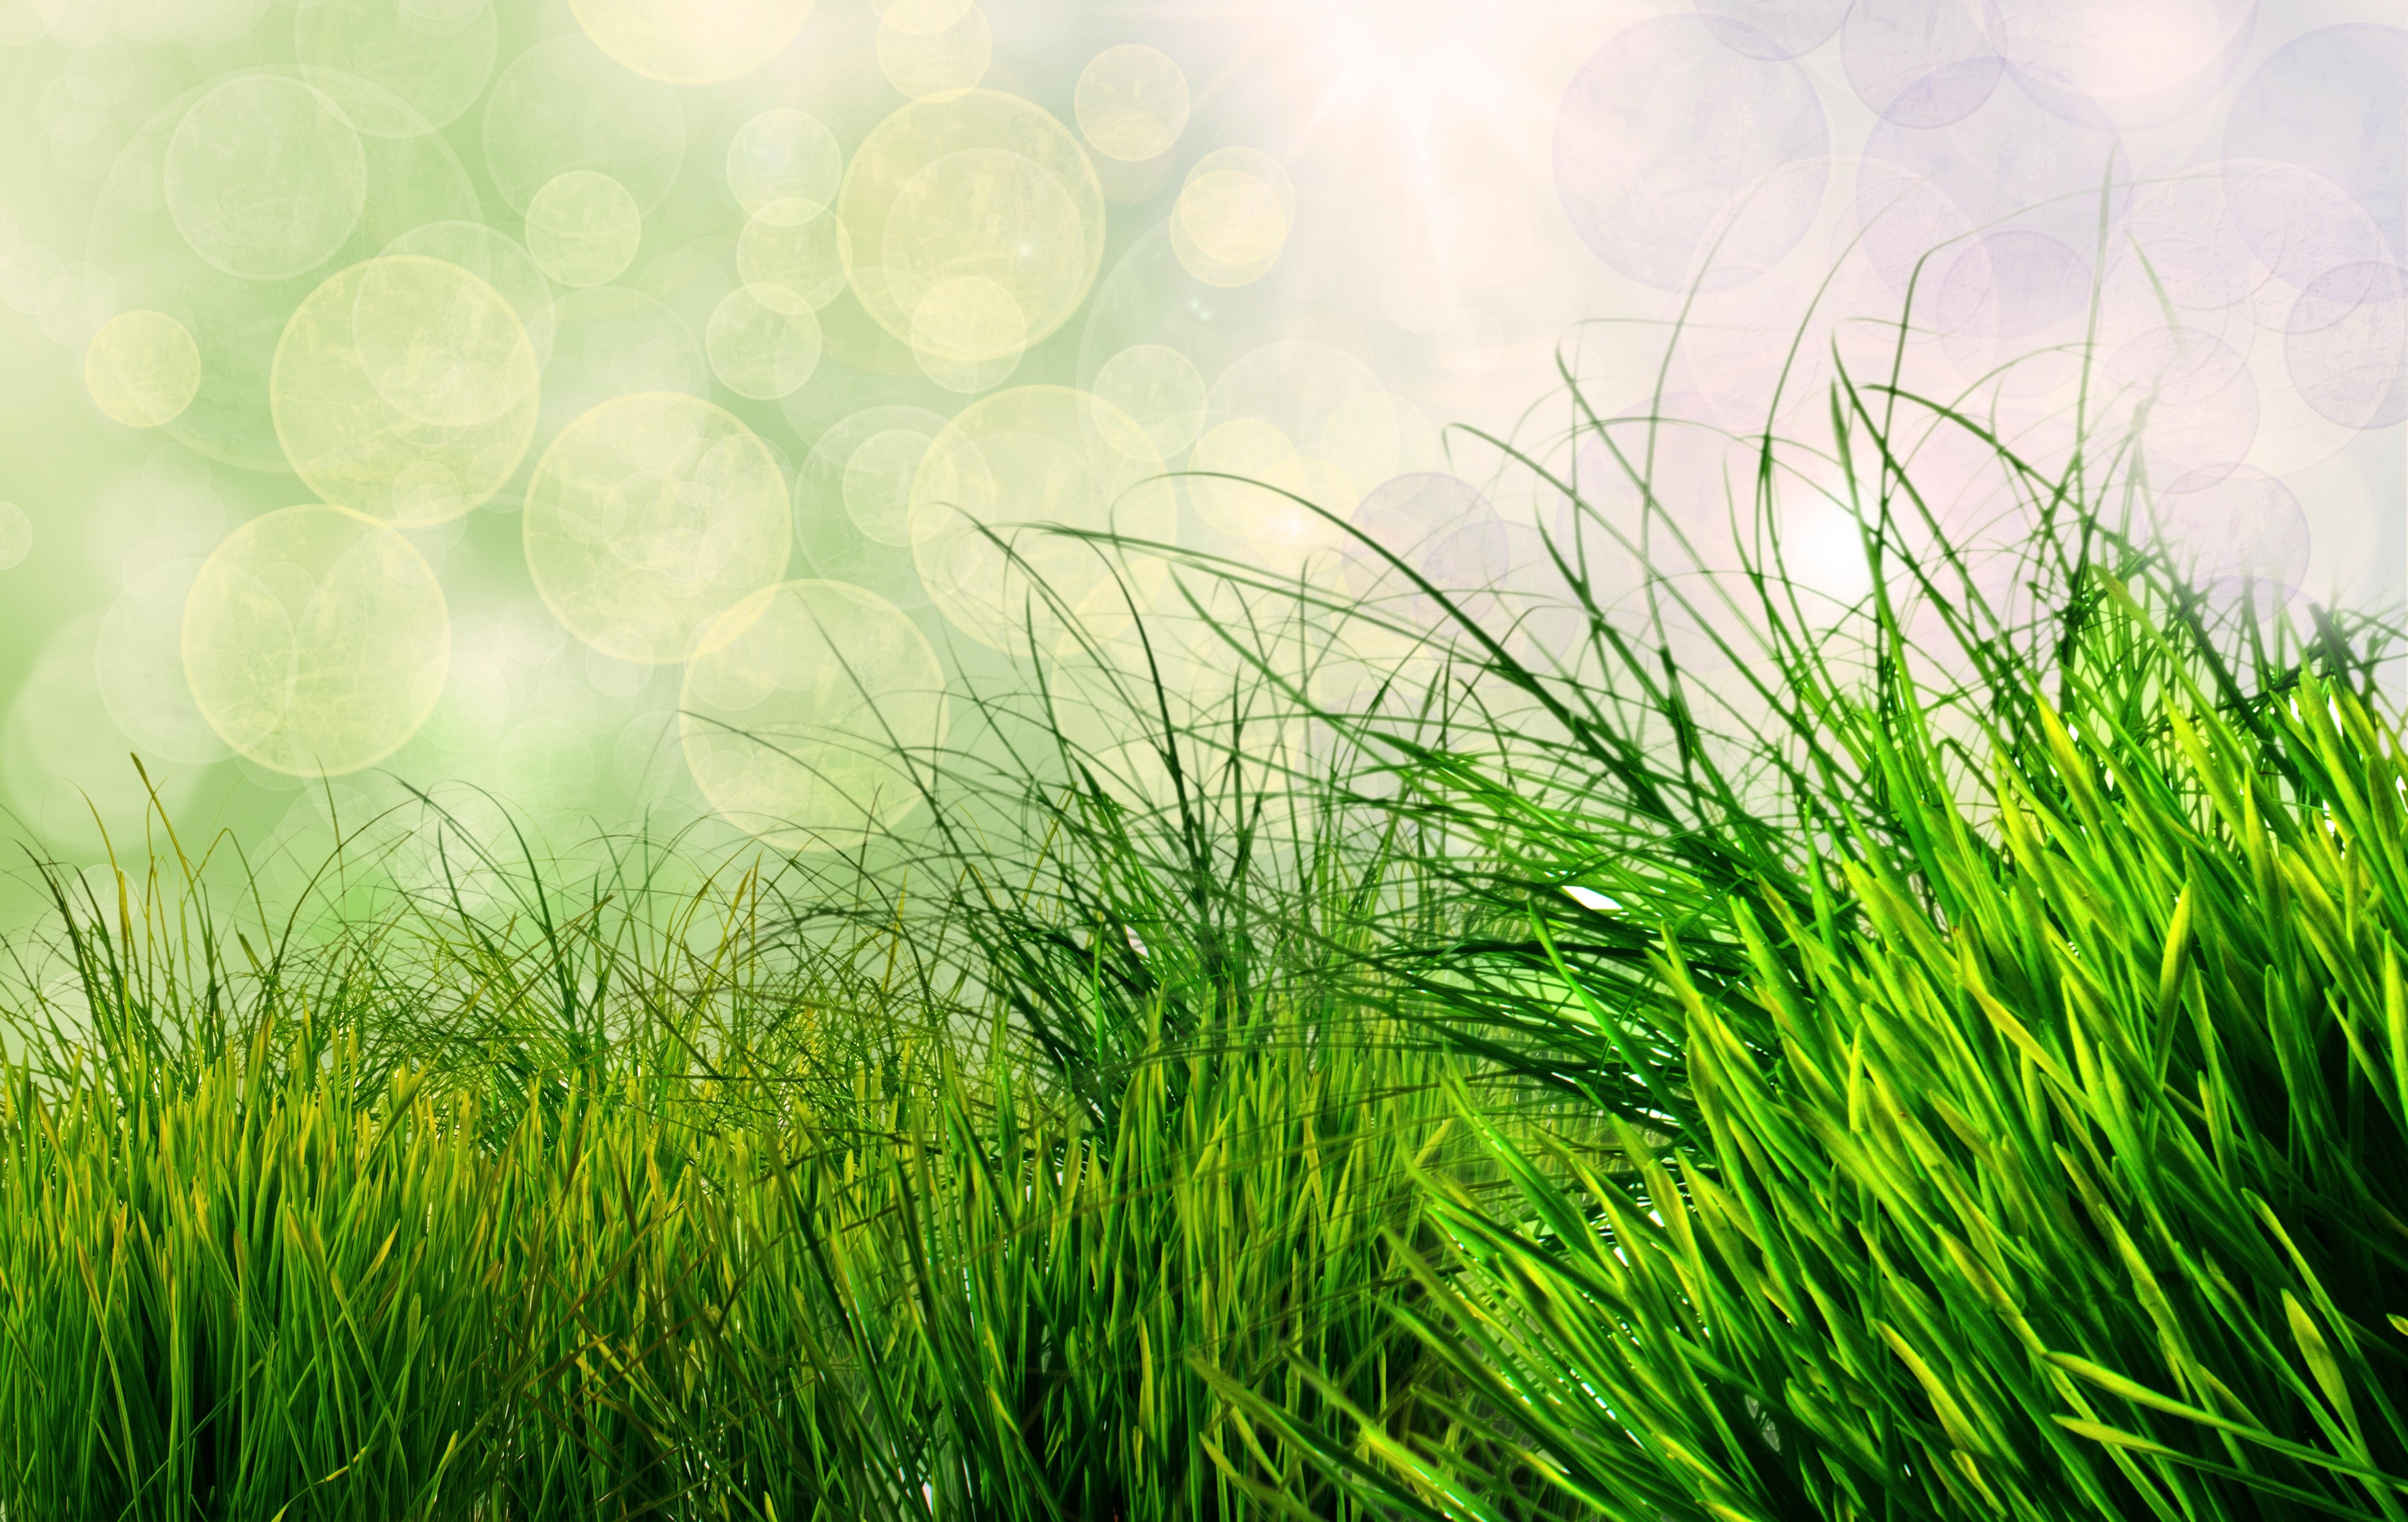 green grass background - HD1920×1214